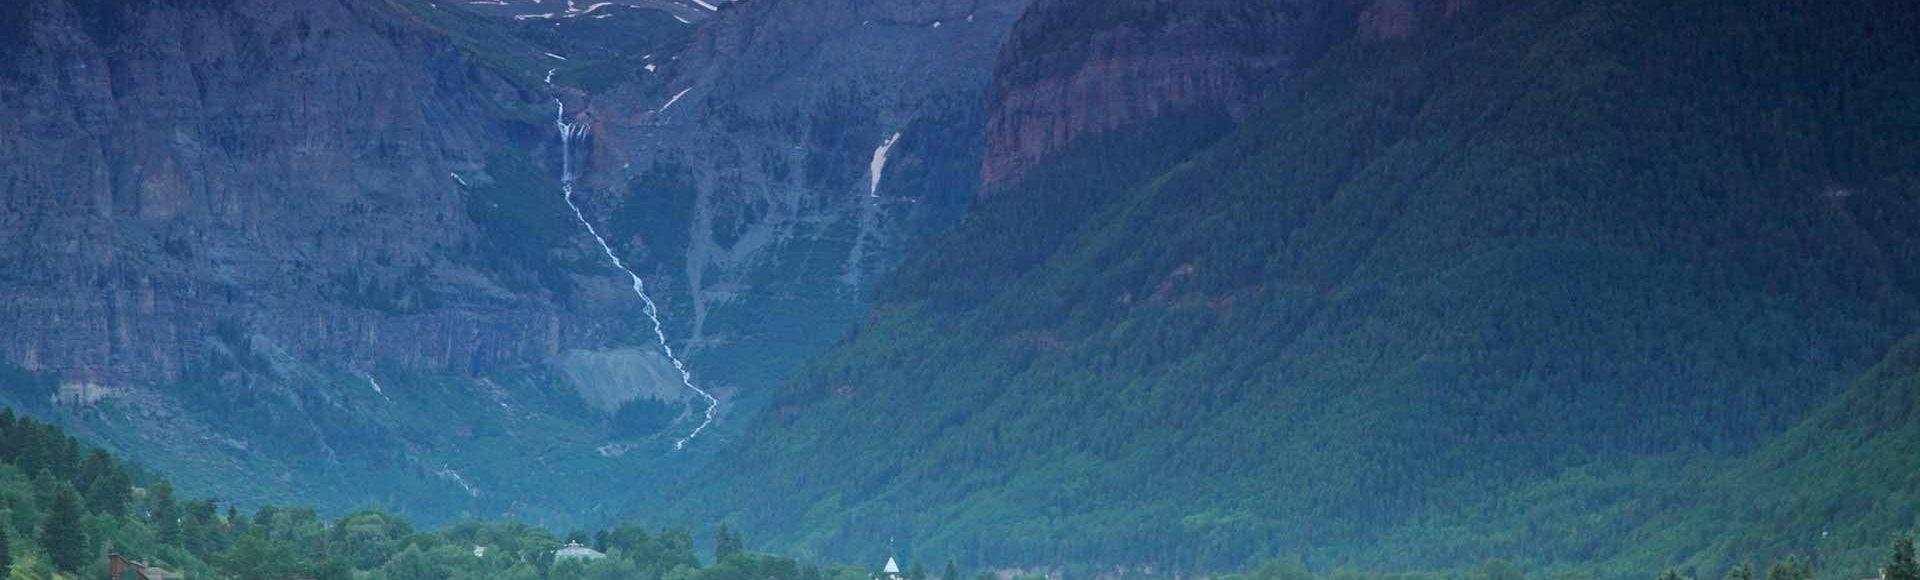 Telluride valley Elk